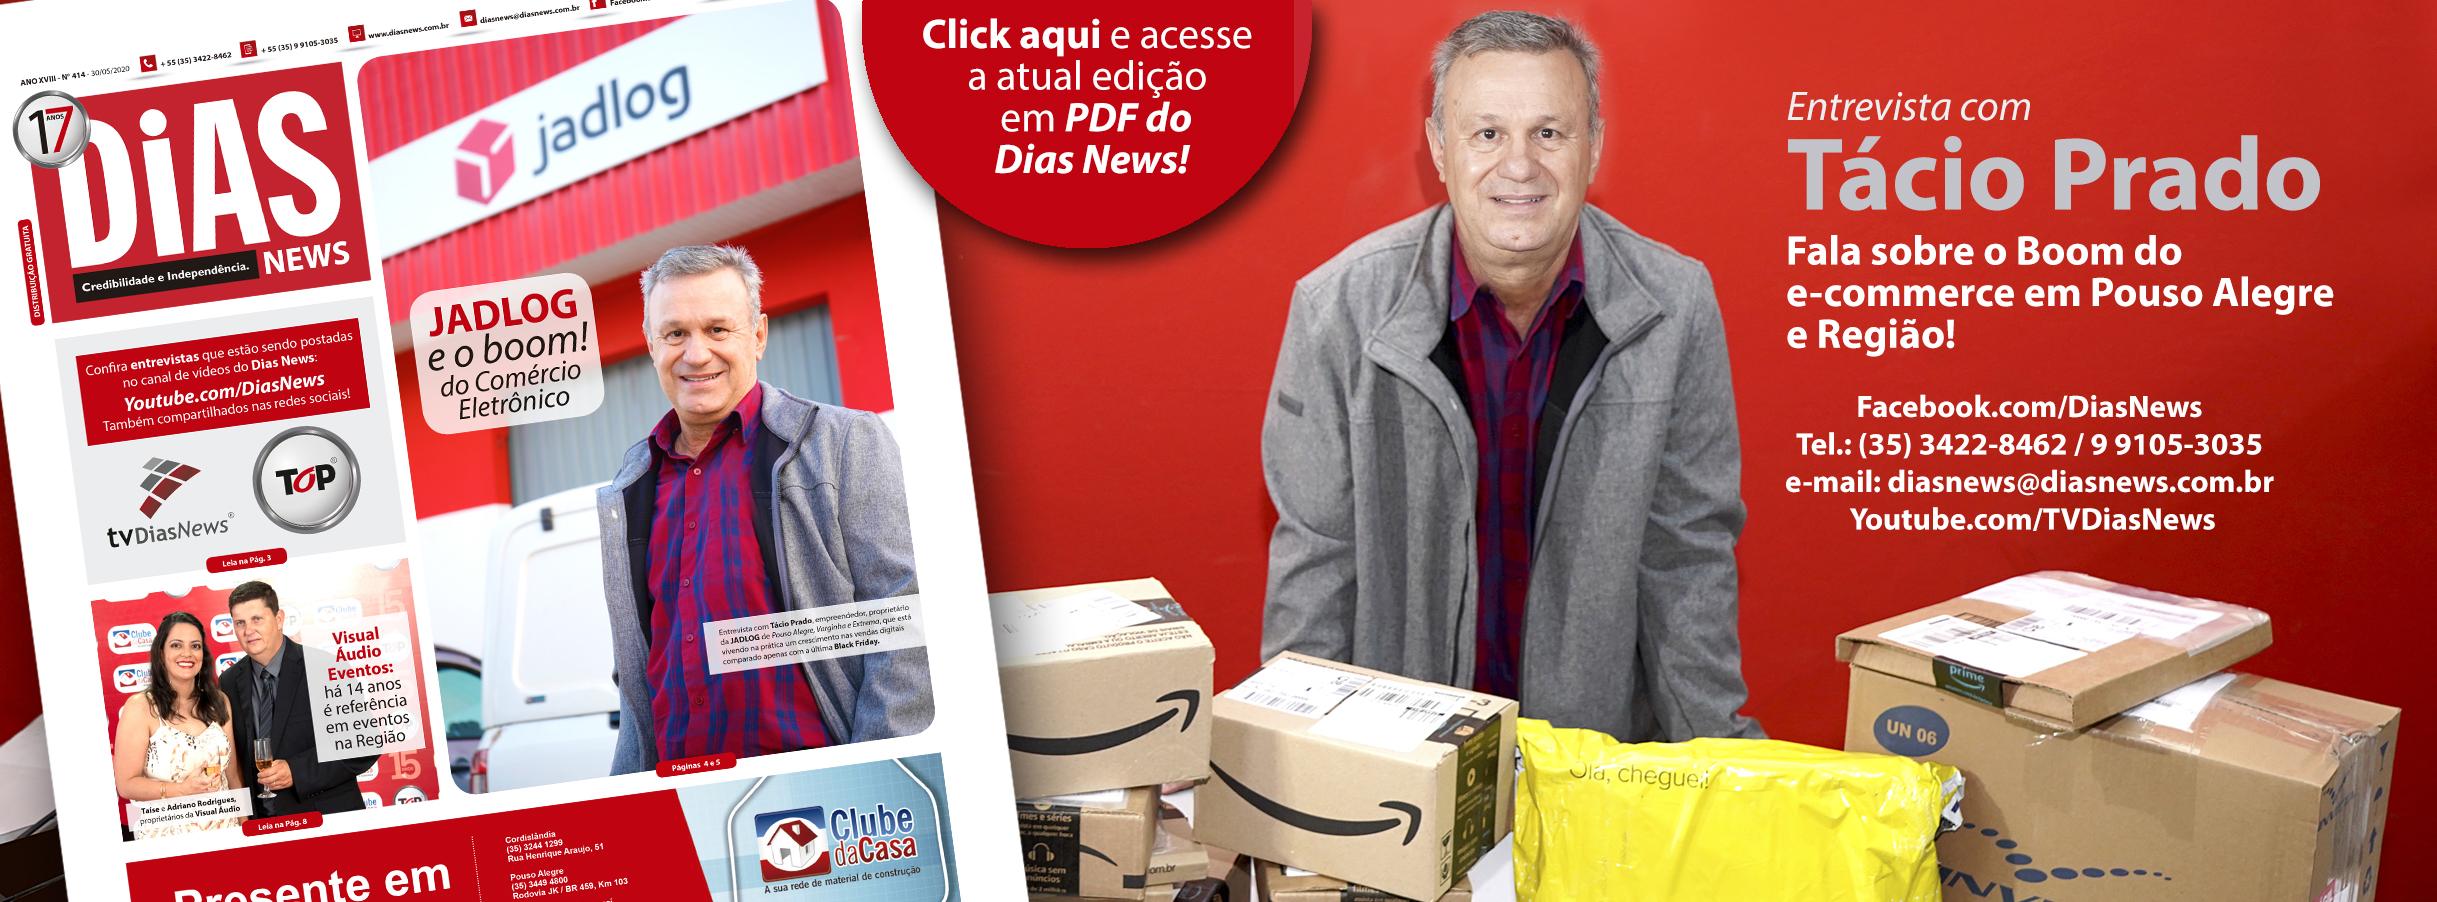 CLICK AQUI e acesse a edição 414 do Dias News